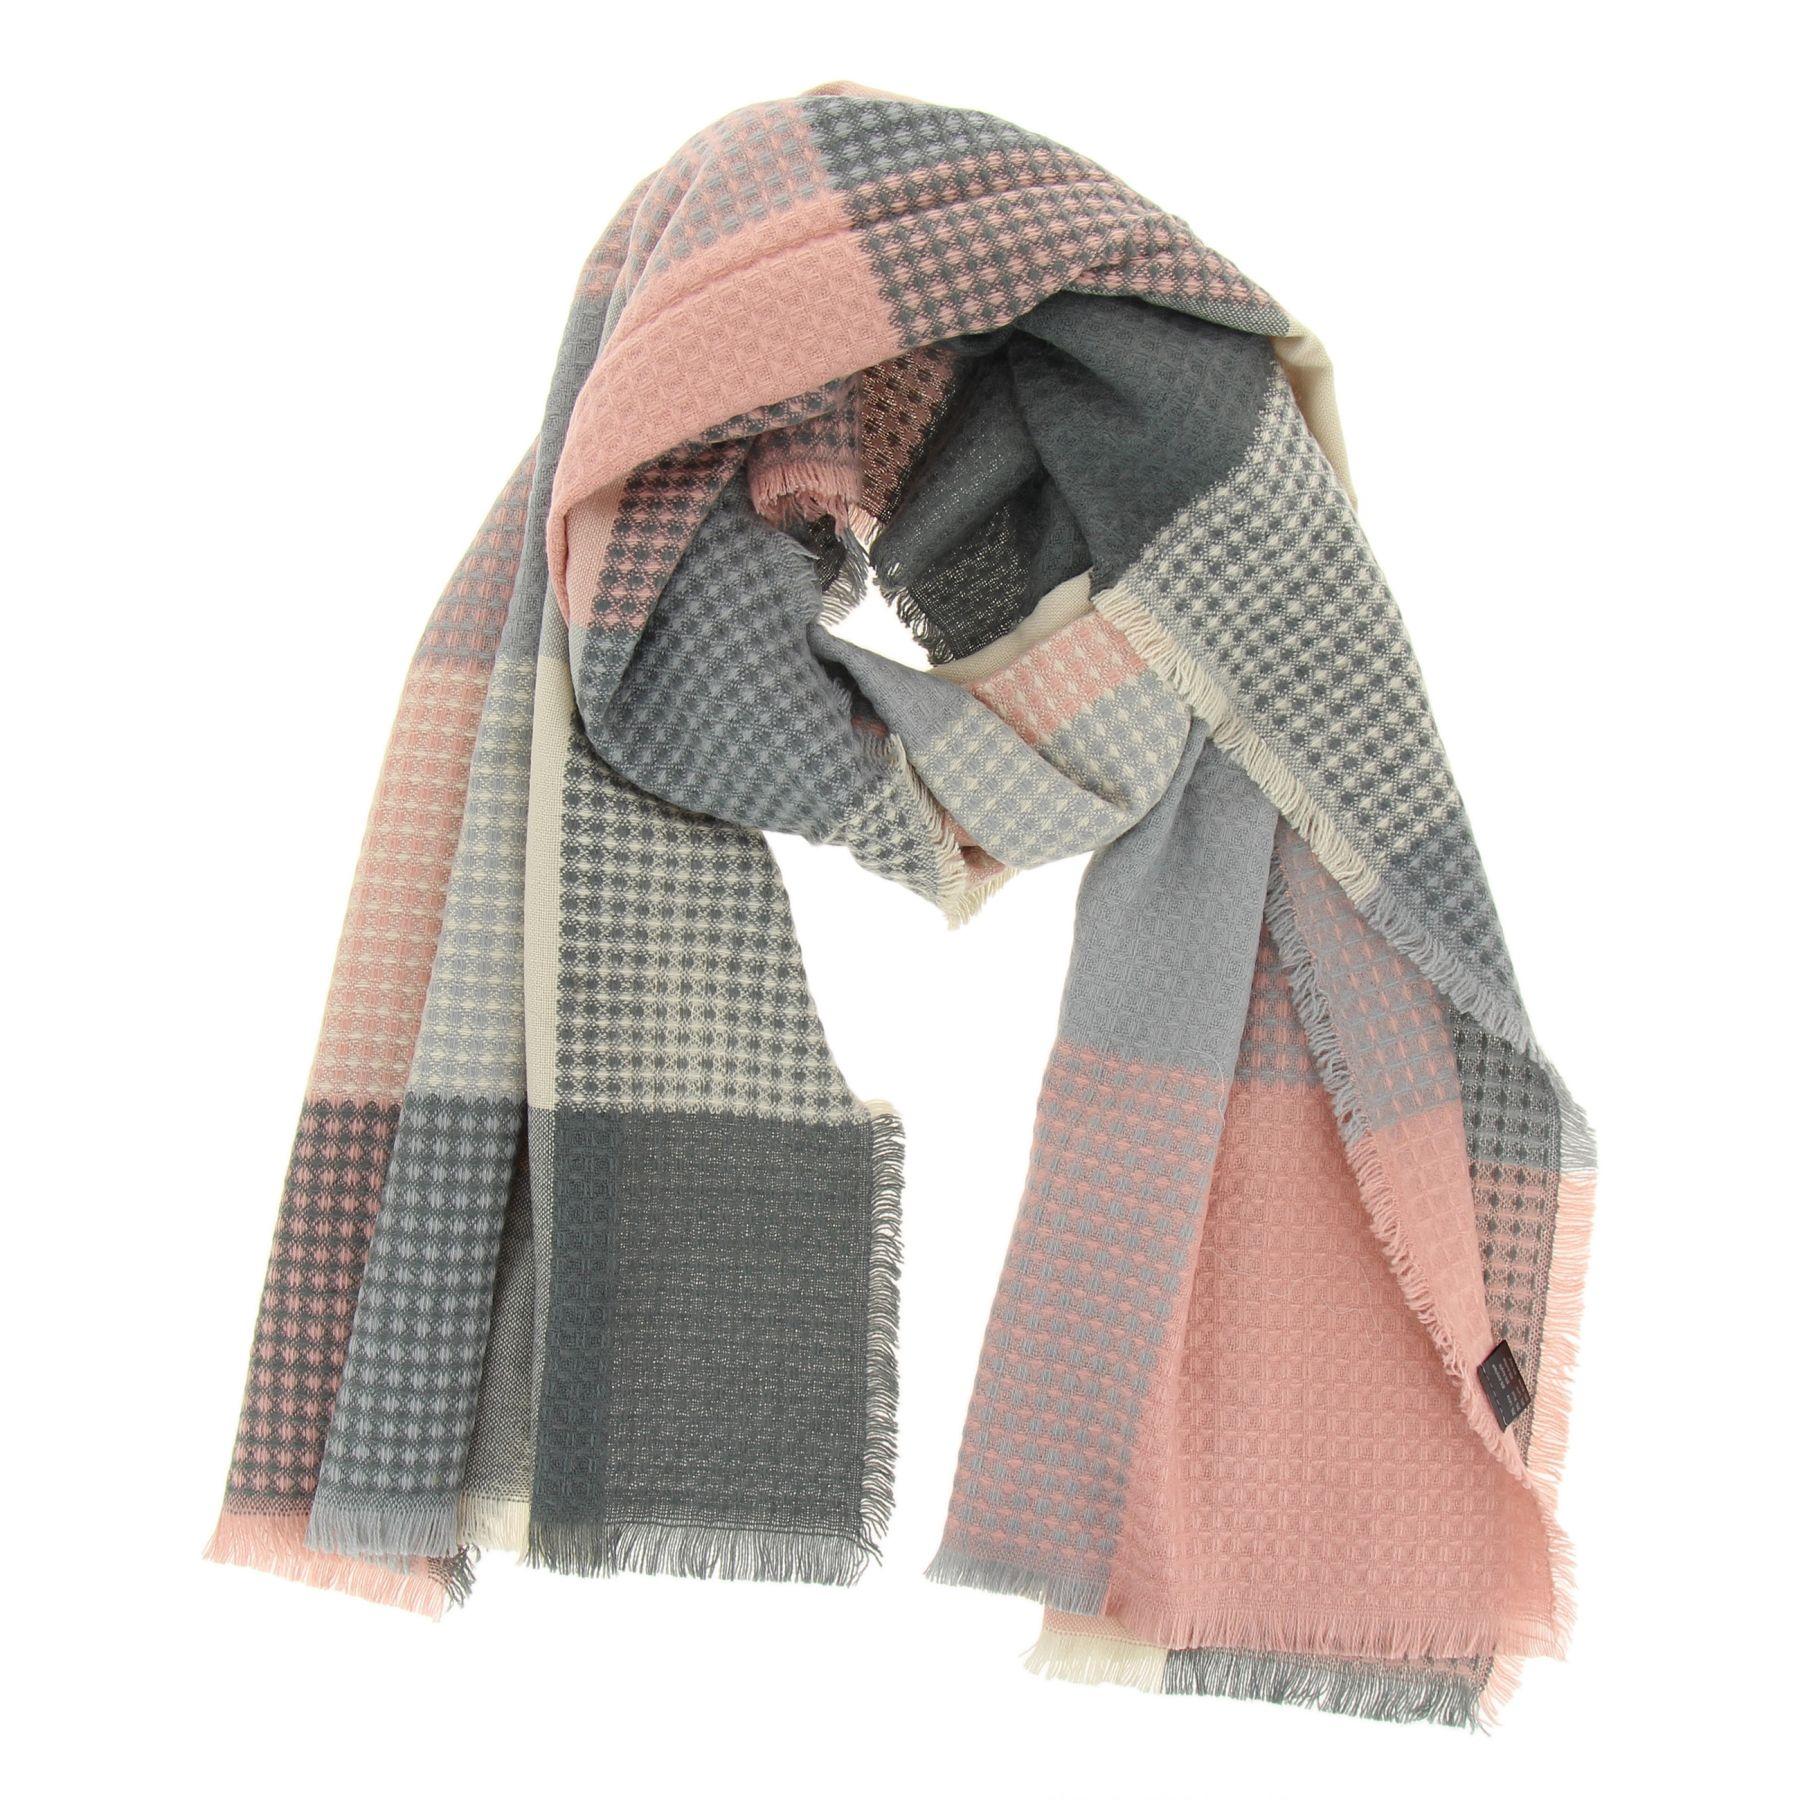 nuovo arrivo 6515d b7556 Grande sciarpa scialle moda donna, SUZIE